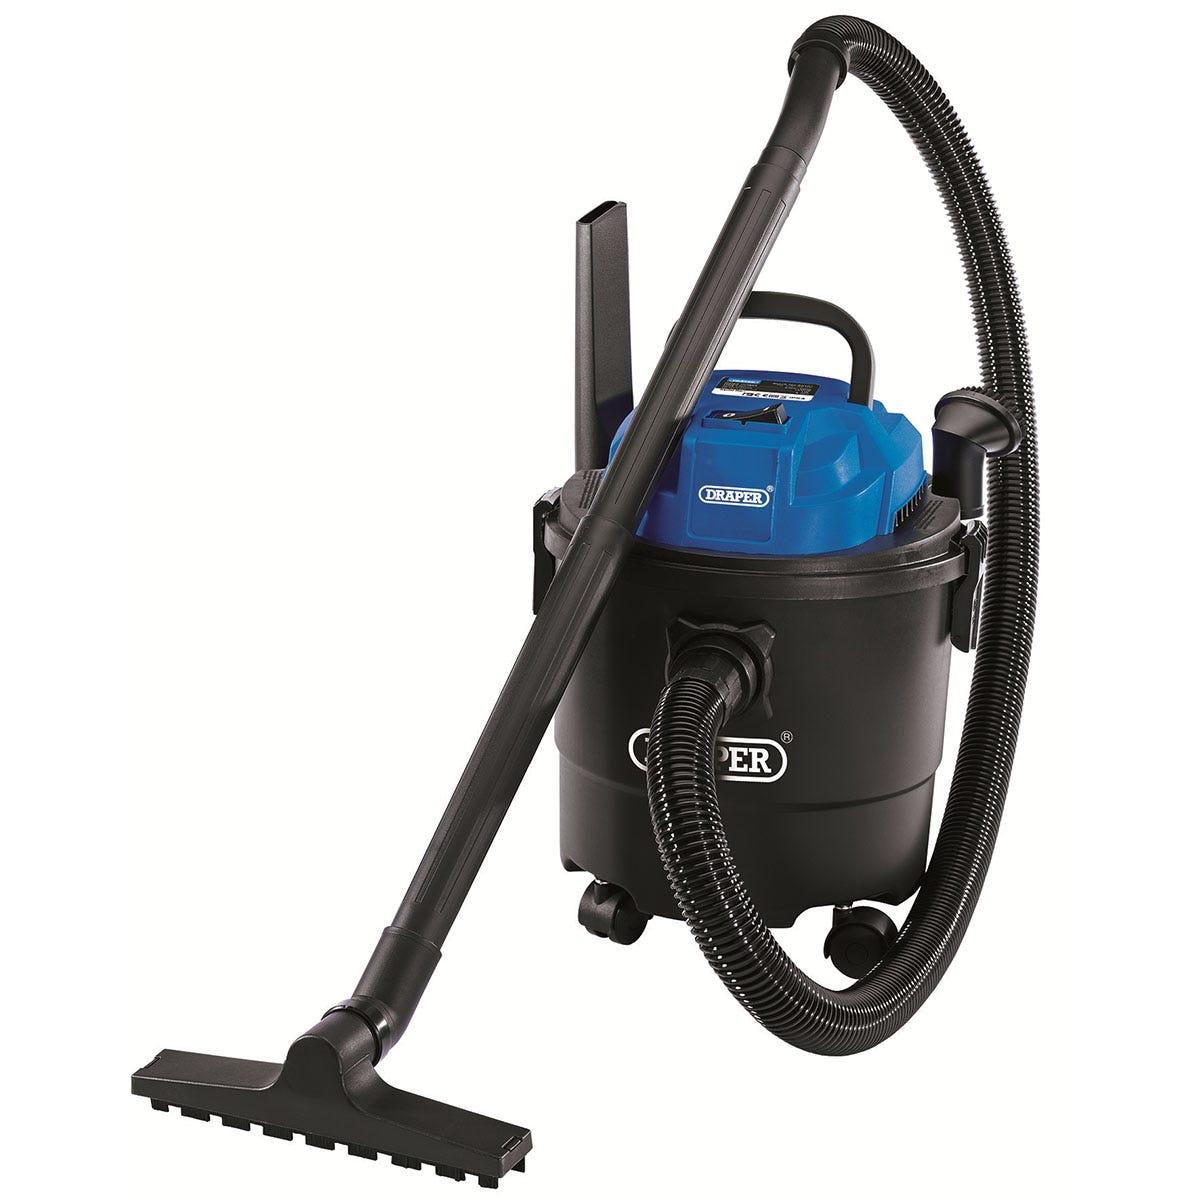 Draper 15L 1250W 230V Wet & Dry Vacuum Cleaner - Blue & Black